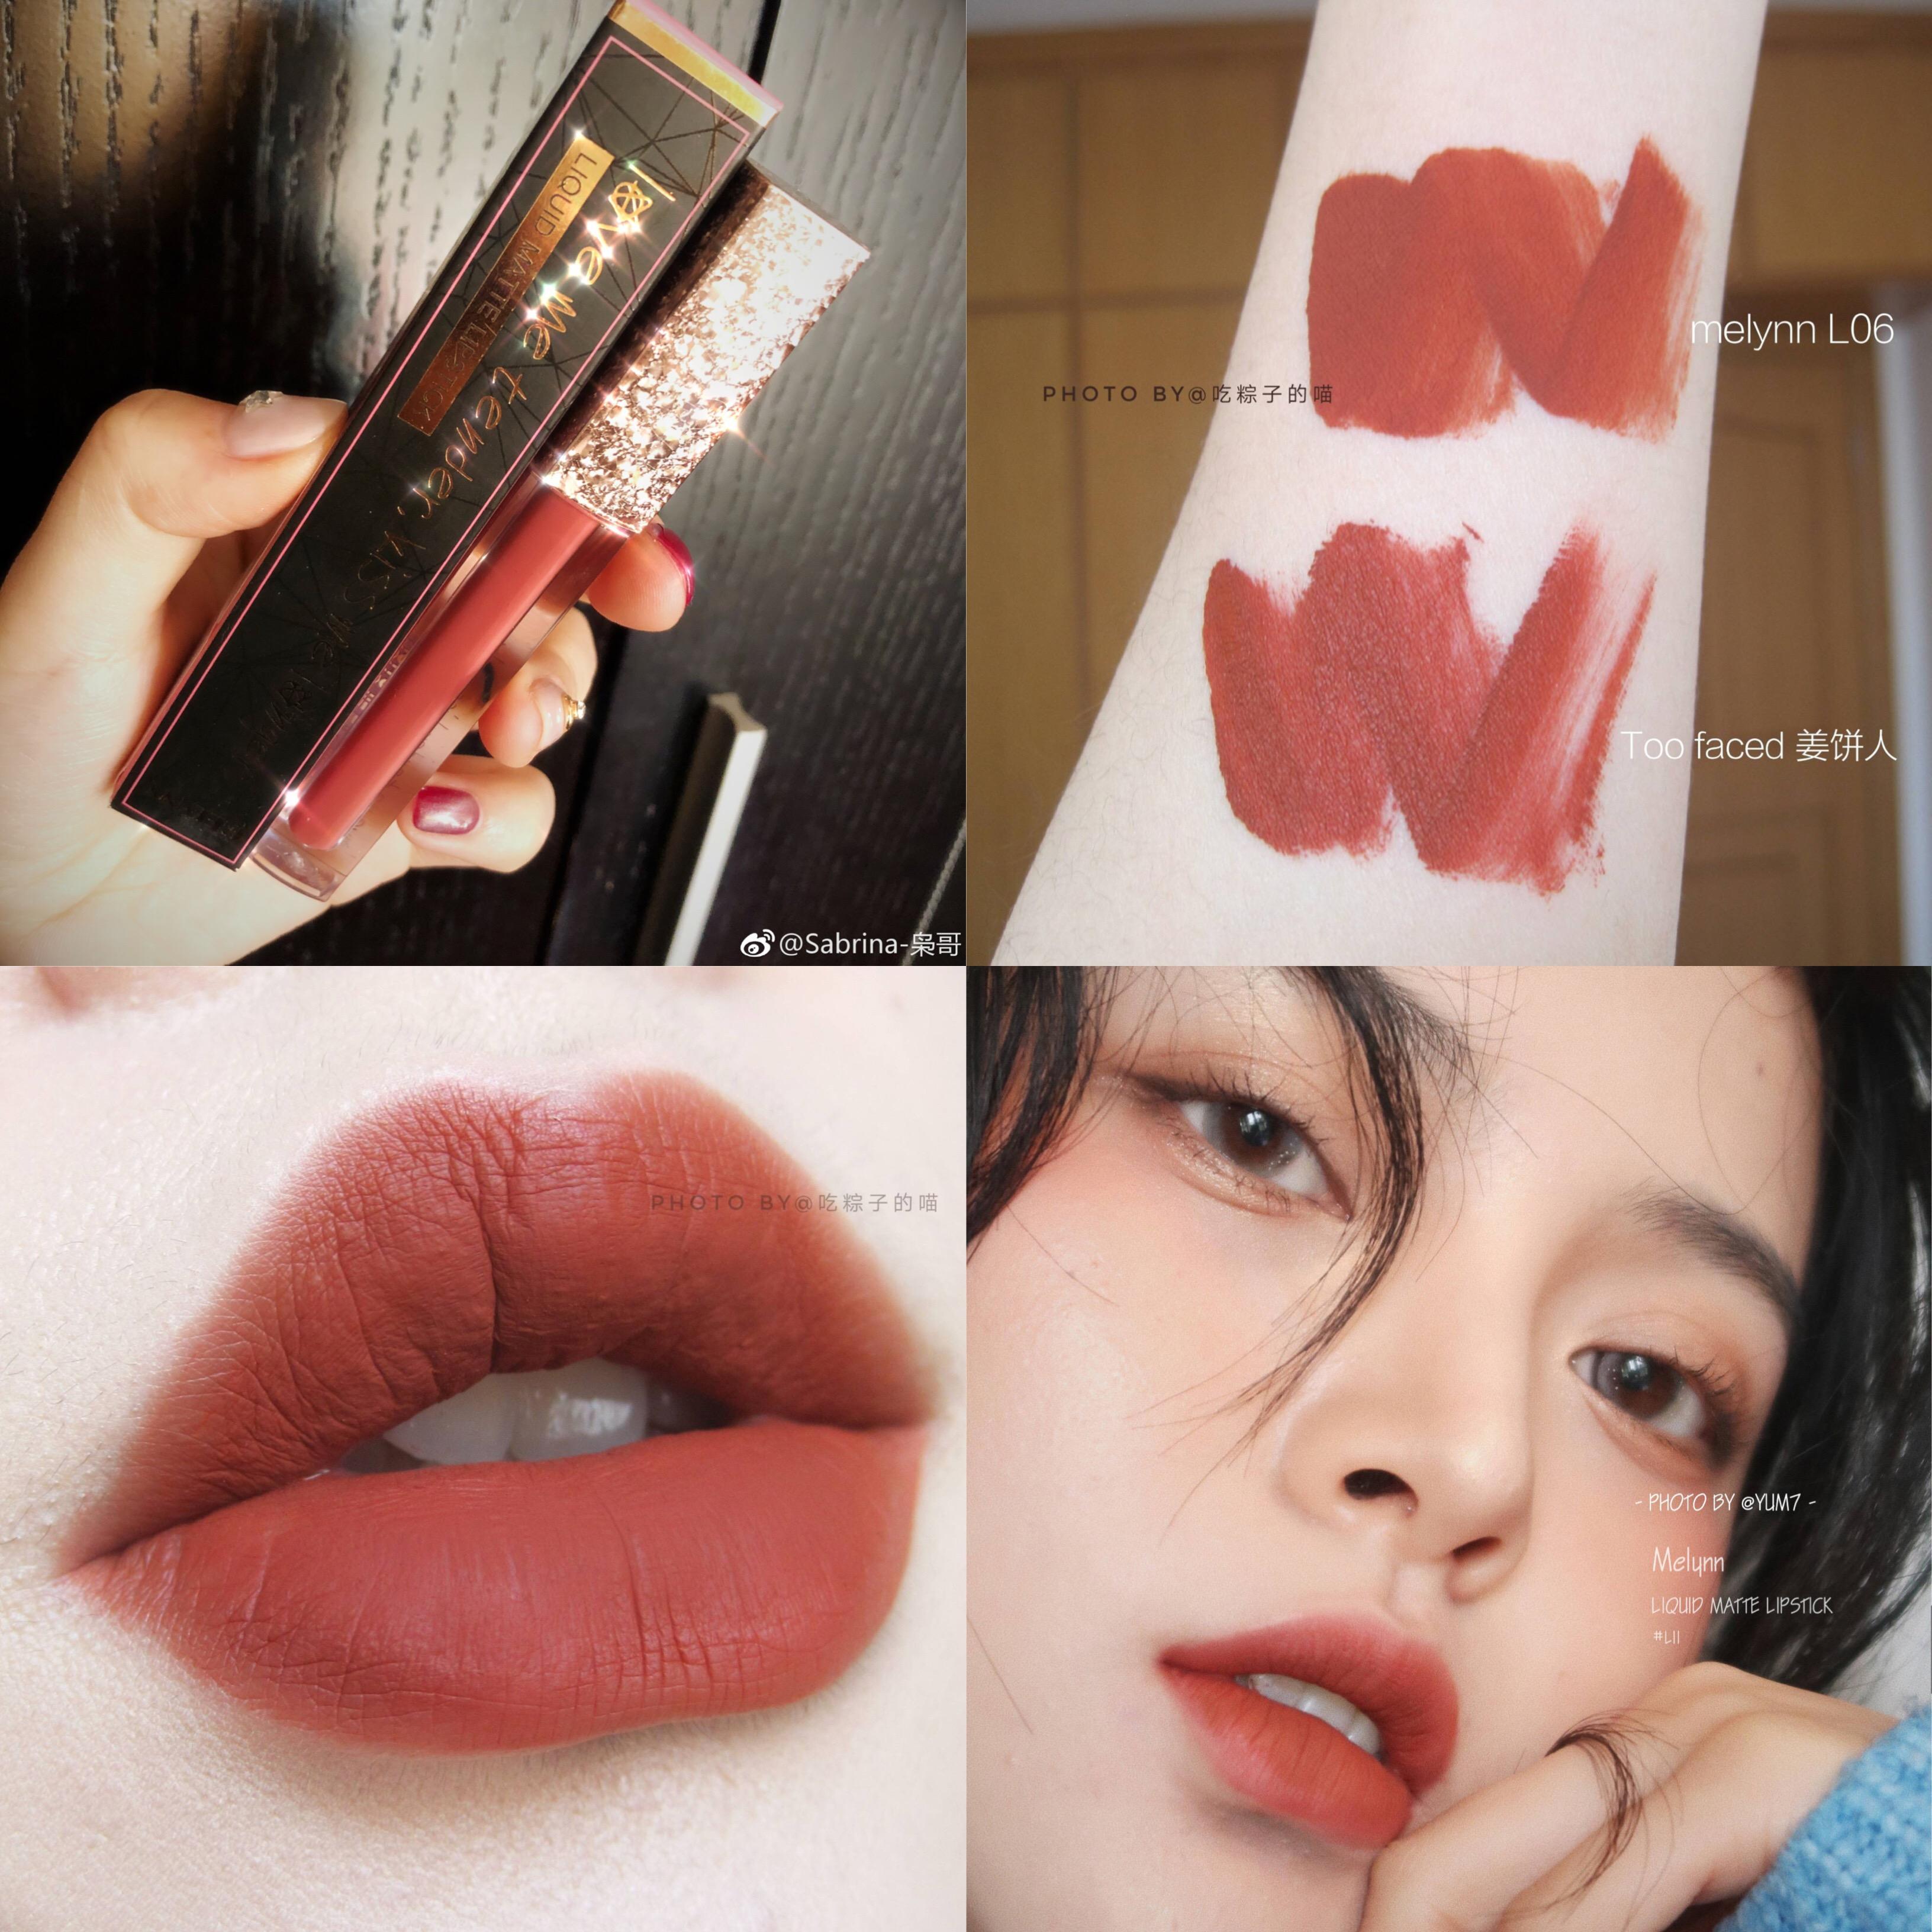 泰国小众品牌 Melynn新品哑光粉雾感唇釉L06/L08/L11